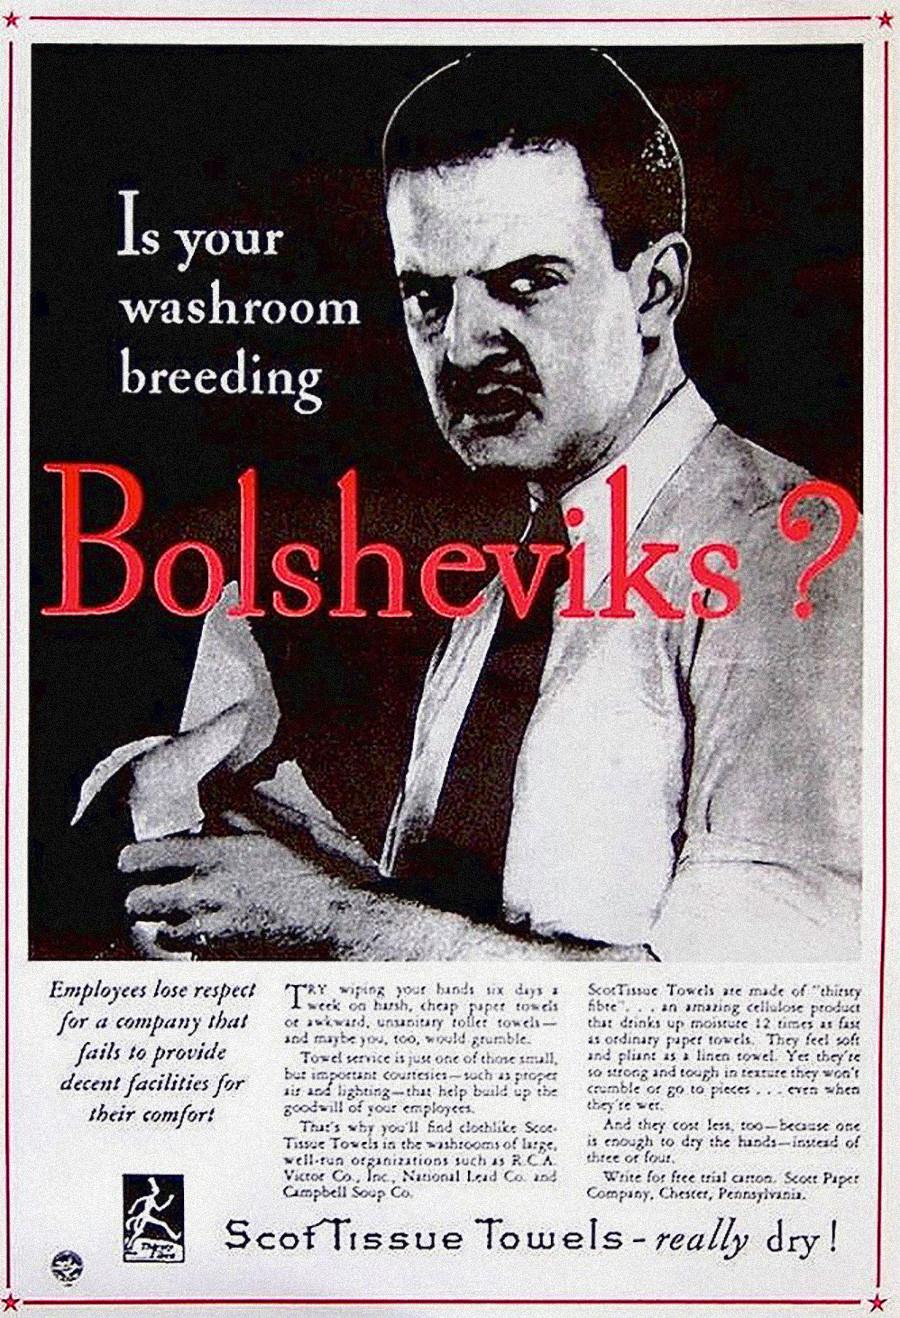 Certaines entreprises de l'Ouest ont utilisé la « terreur rouge » pour promouvoir leurs intérêts commerciaux et créer une publicité attrayante. Celle-ci sous-entend que les sociétés ne respectant pas le confort de leurs salariés élèvent donc des bolcheviks.